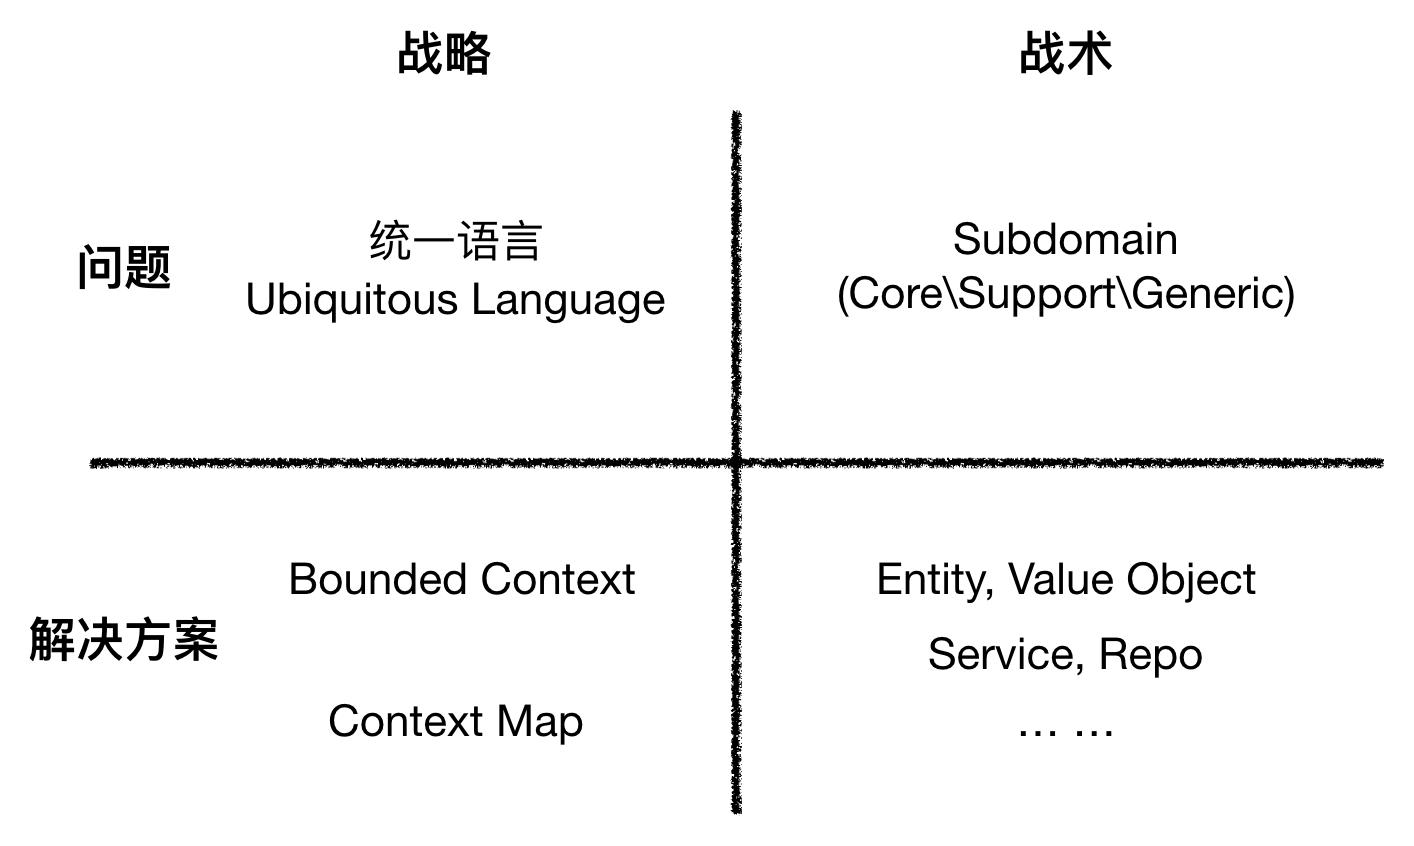 从问题/解决方案和战略/战术维度分析DDD元模型的元素